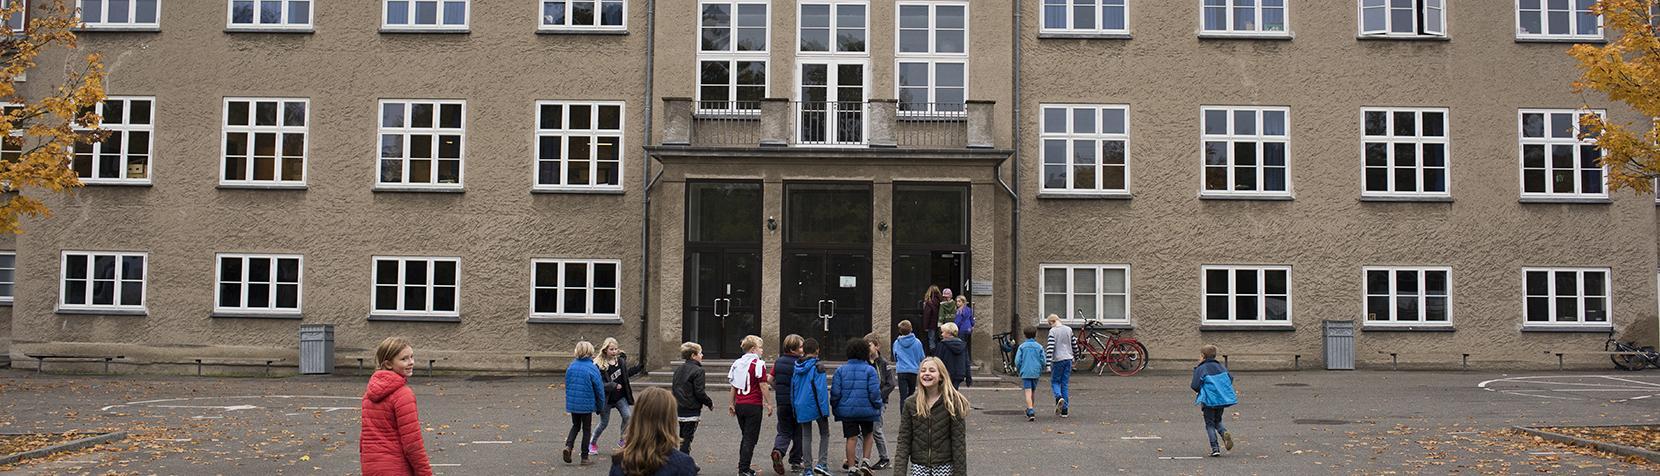 Skolegård